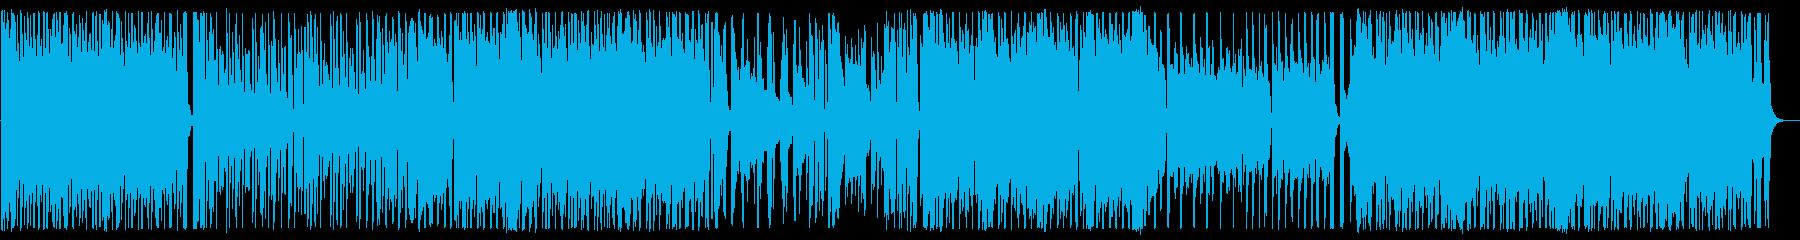 おしゃれ/J-pop_No590_1の再生済みの波形